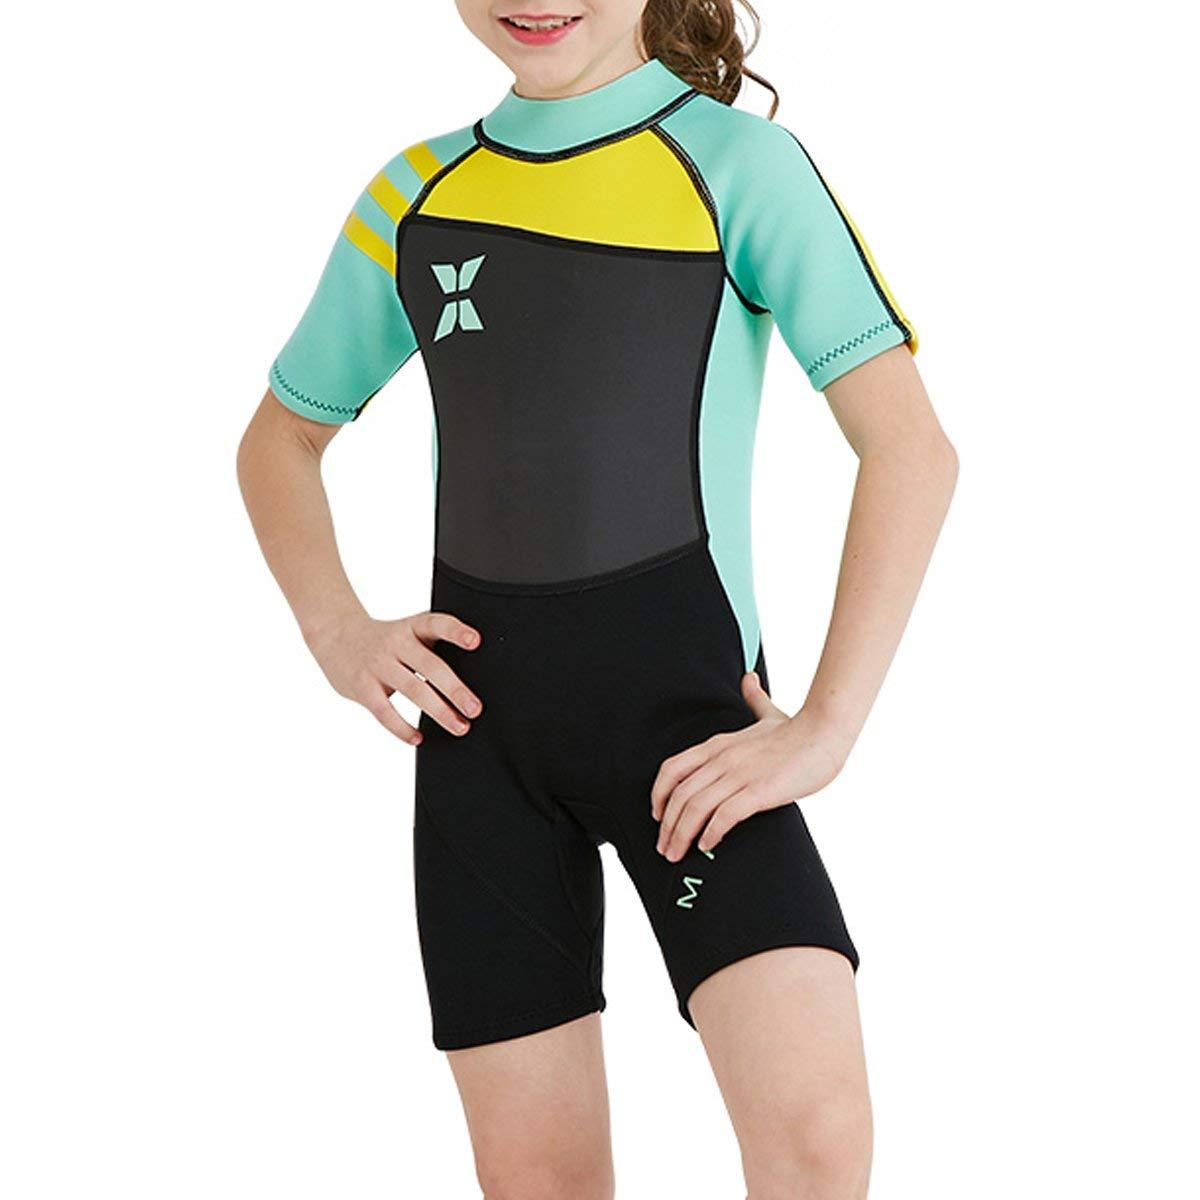 996cb2e667 Kids wetsuit sorğusuna uyğun şekilleri pulsuz yükle, bedava indir